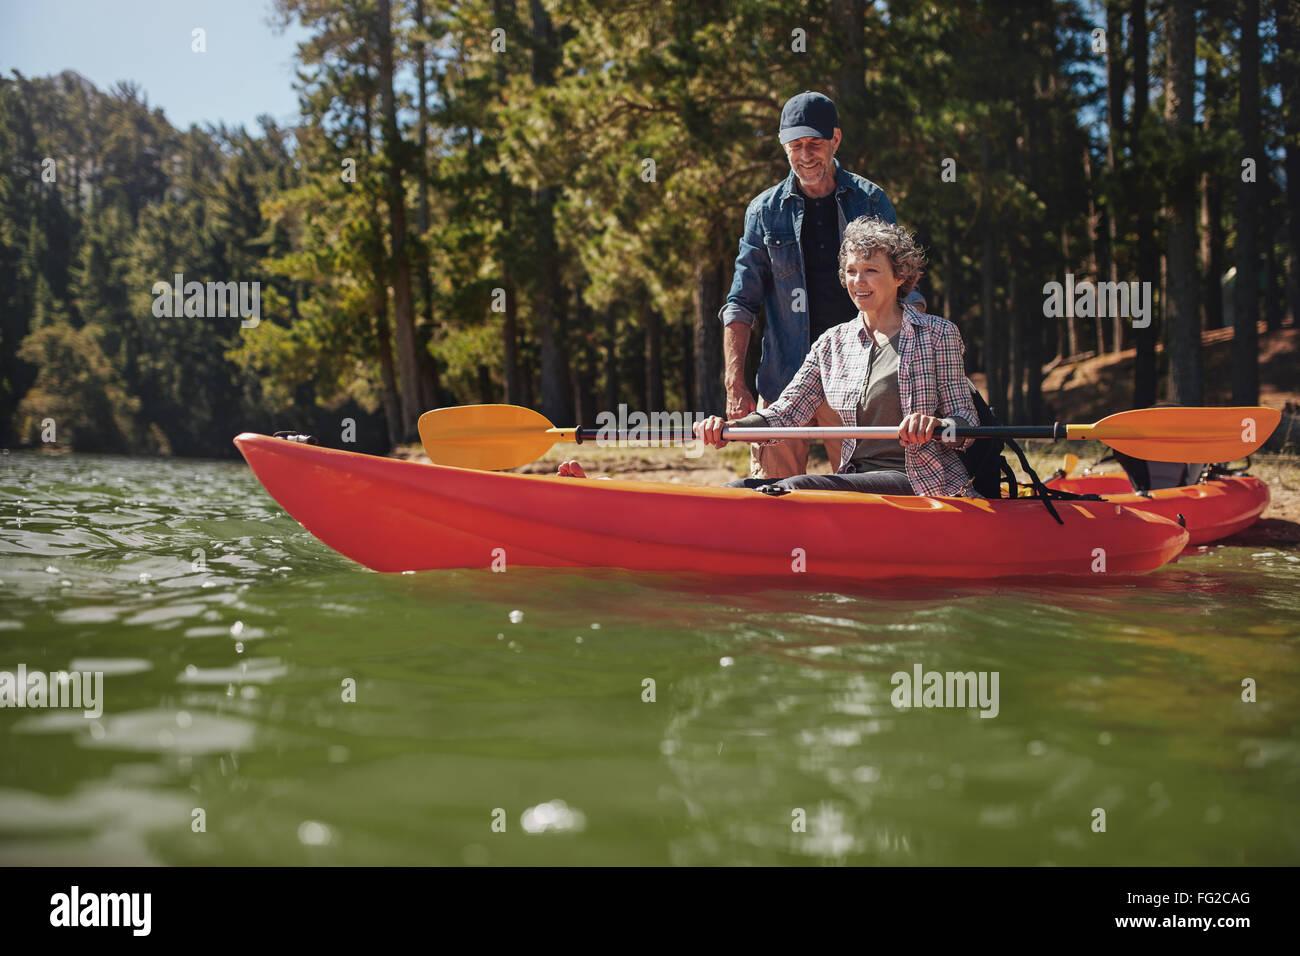 Retrato de hombre maduro, dar instrucciones a la mujer remando un kayak en el lago. Mujer Senior recibiendo clases Imagen De Stock